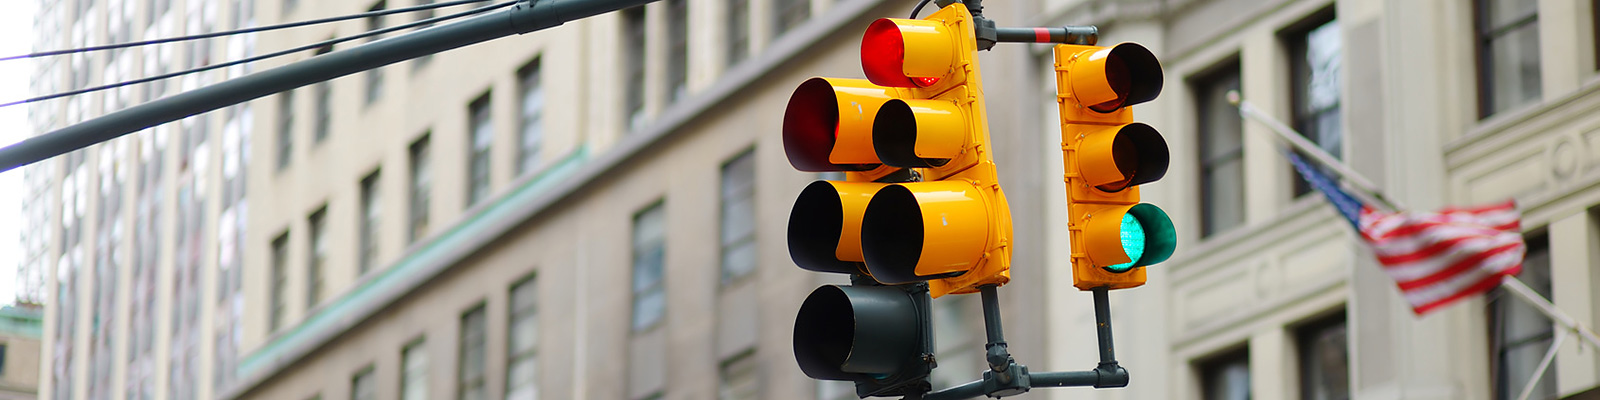 米国 交通信号